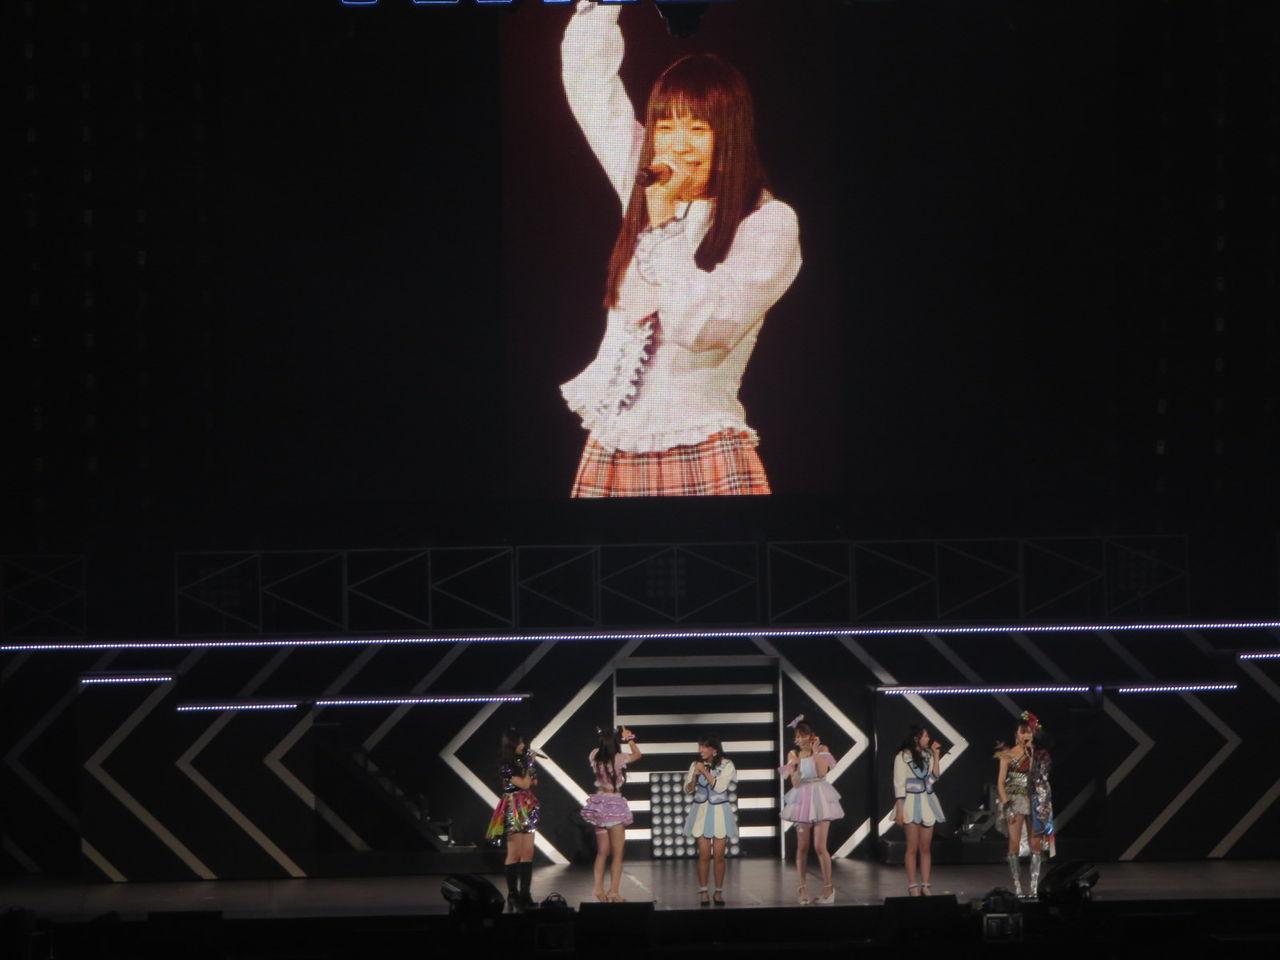 【随時更新】『NMB48 8th Anniversary LIVE in 幕張メッセ』 実況・セットリスト